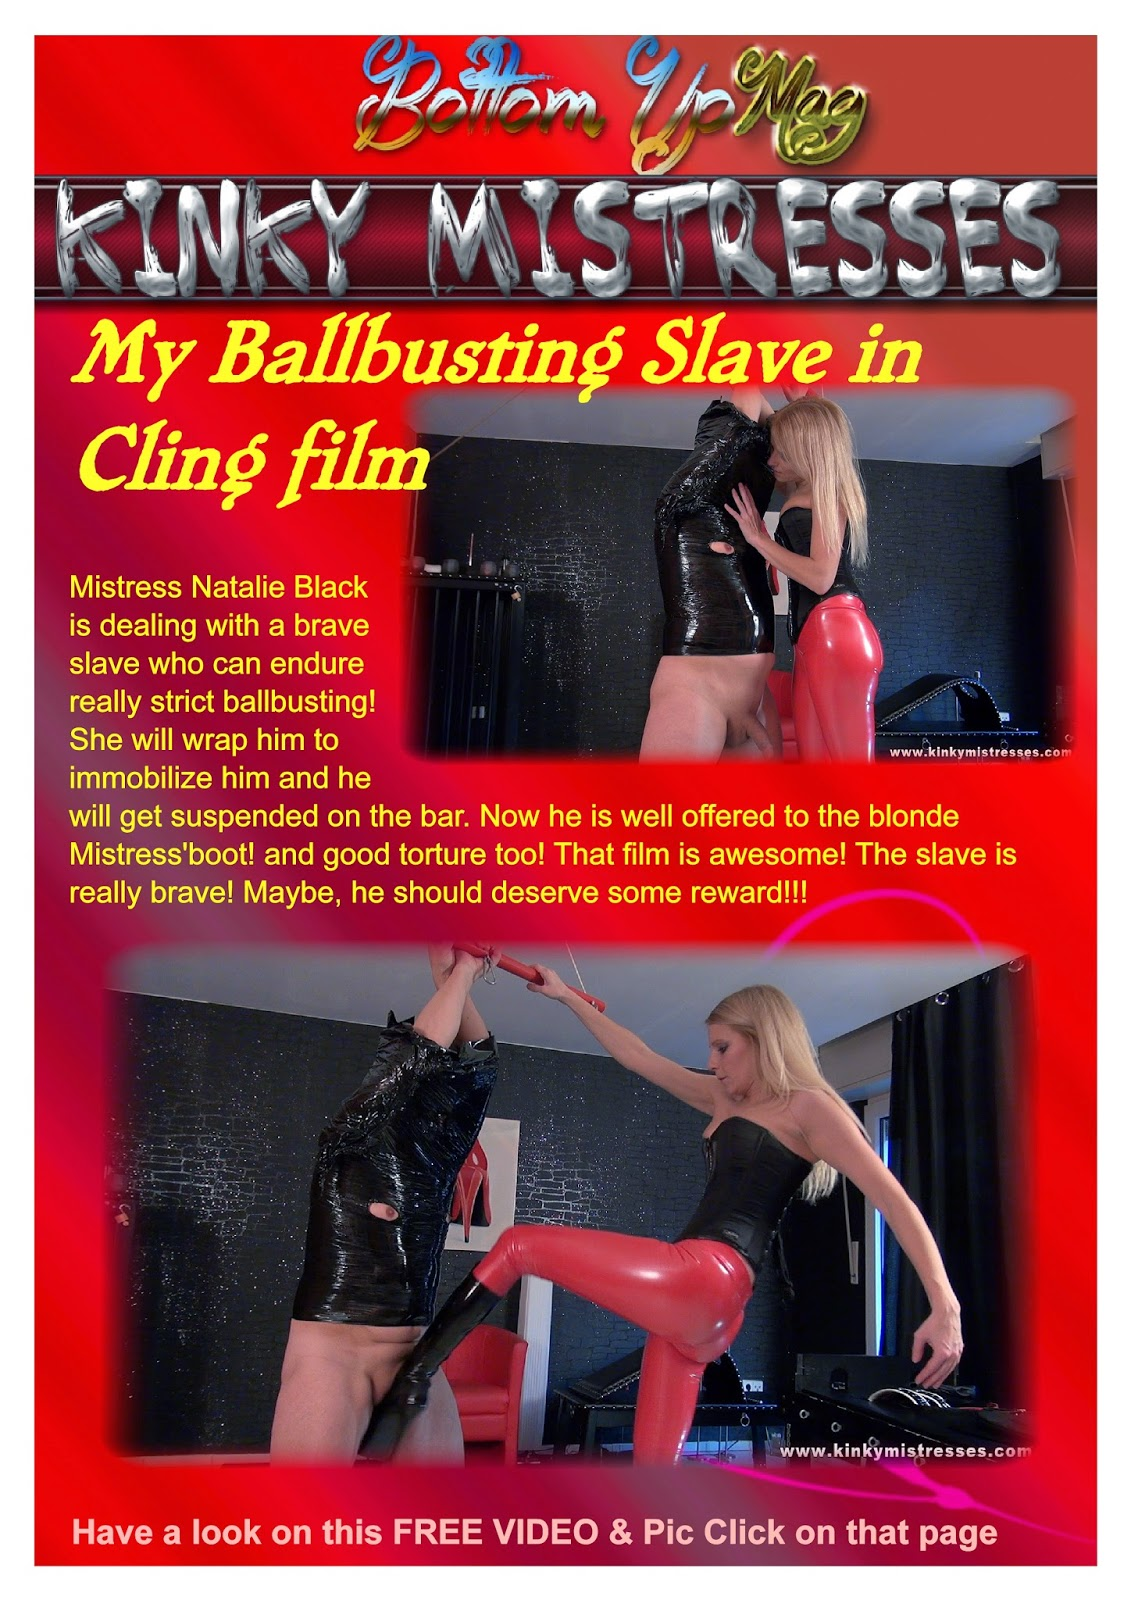 http://www.kinkymistresses.com/affiliate/promo/23a2a4/1/831/774138/